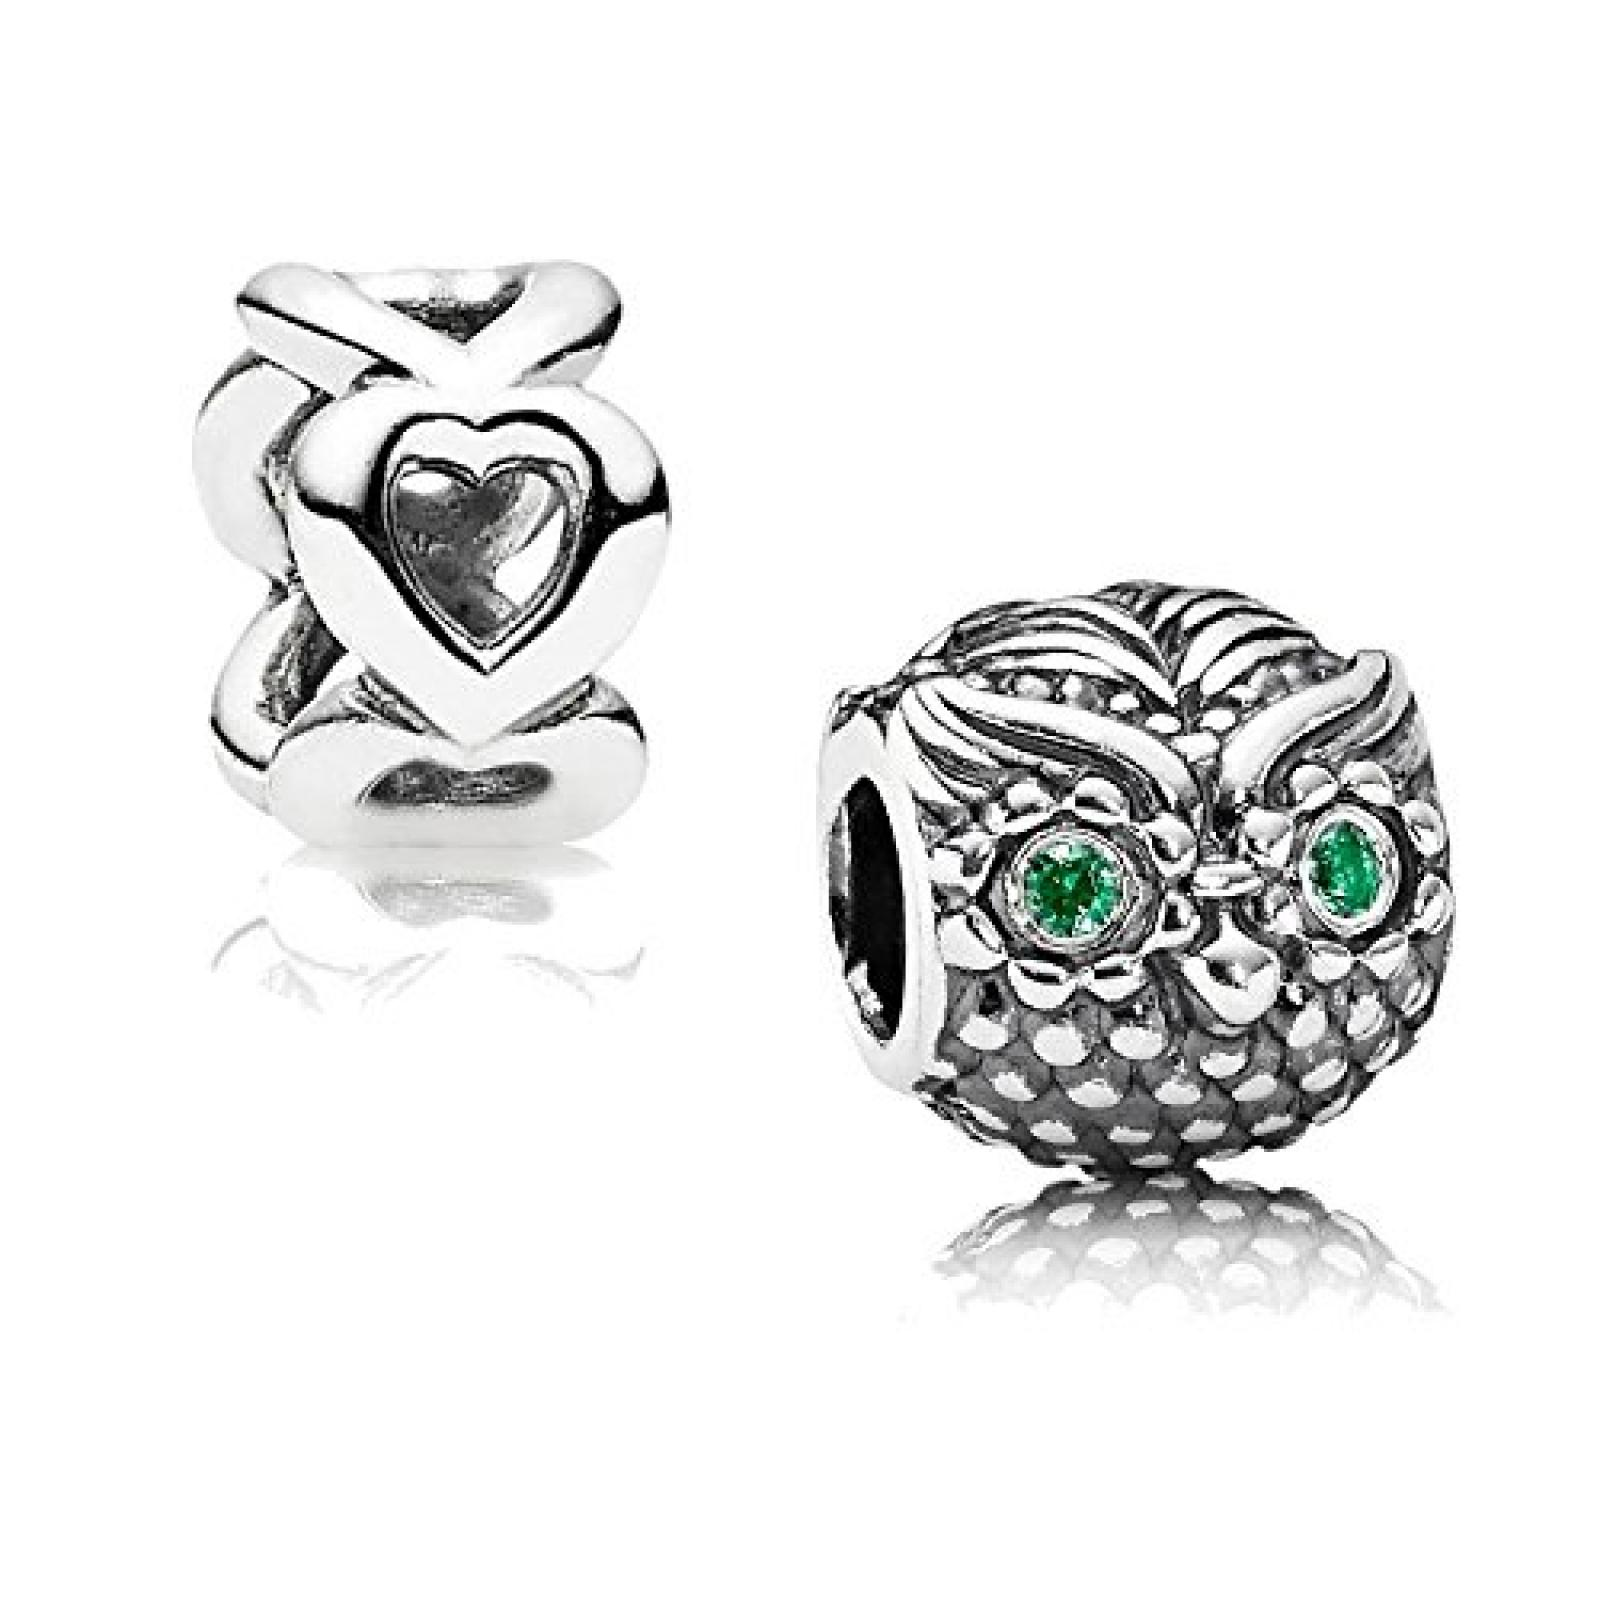 Original Pandora Geschenkset - 1 Silber Element Weise Eule mit grünem Zirkonia 791211CZN und 1 Silber Zwischenelement Offene Herzen 790454